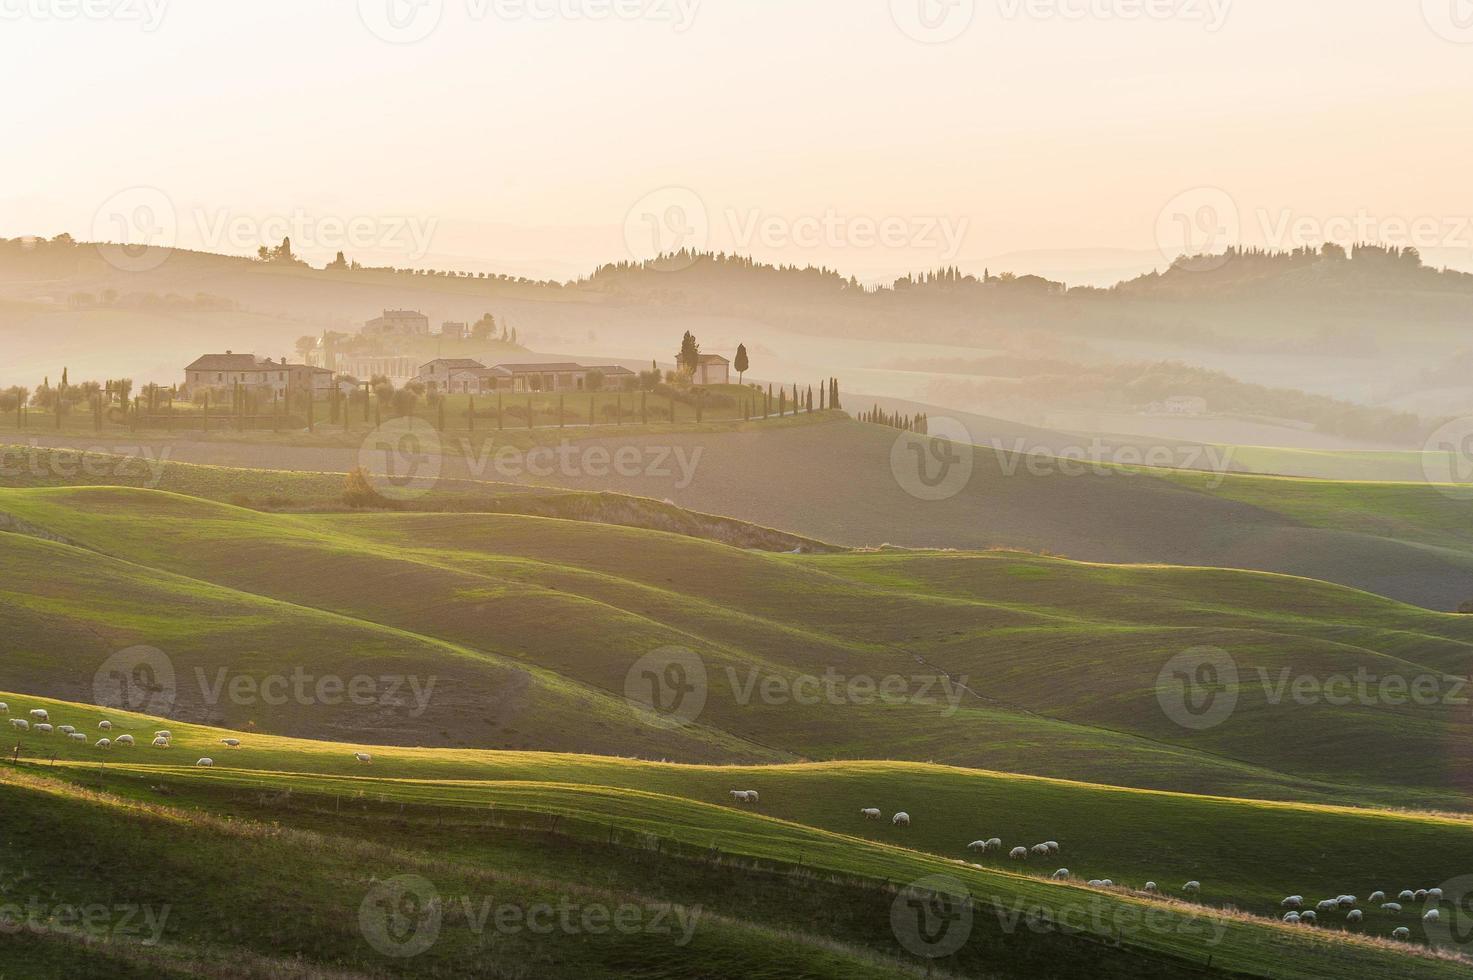 toskanska får i rullande gröna fält i gul solnedgång. foto